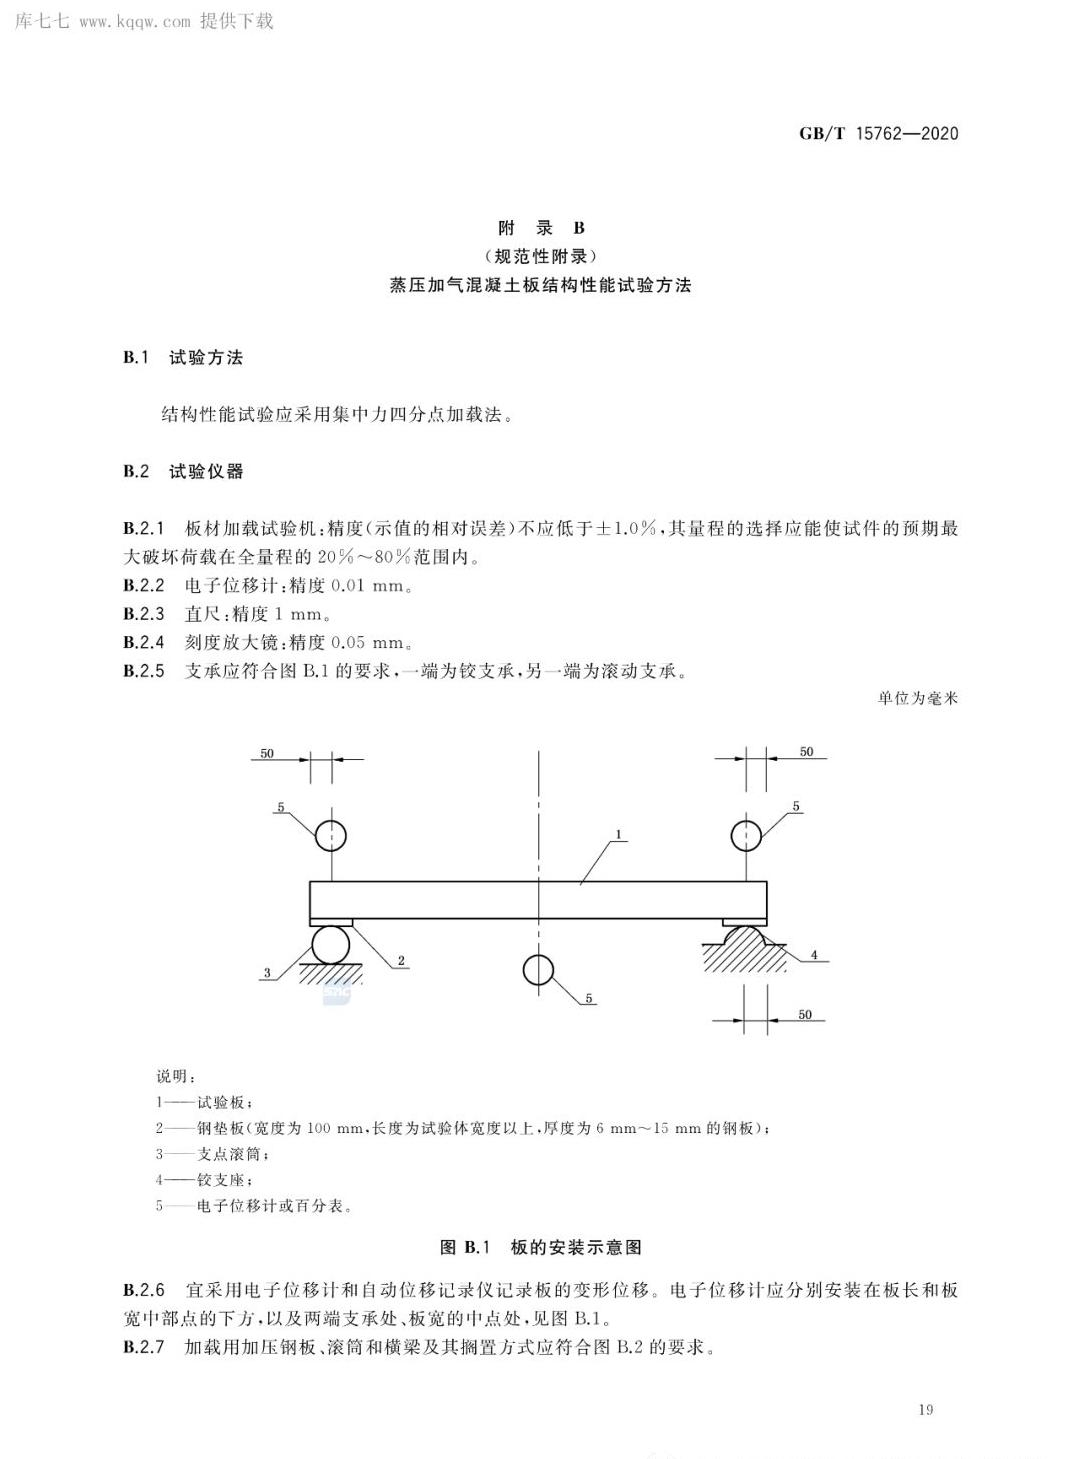 最新ALC蒸压加气混凝土板GB15762-2020国家标准将在2021年8月1号实施